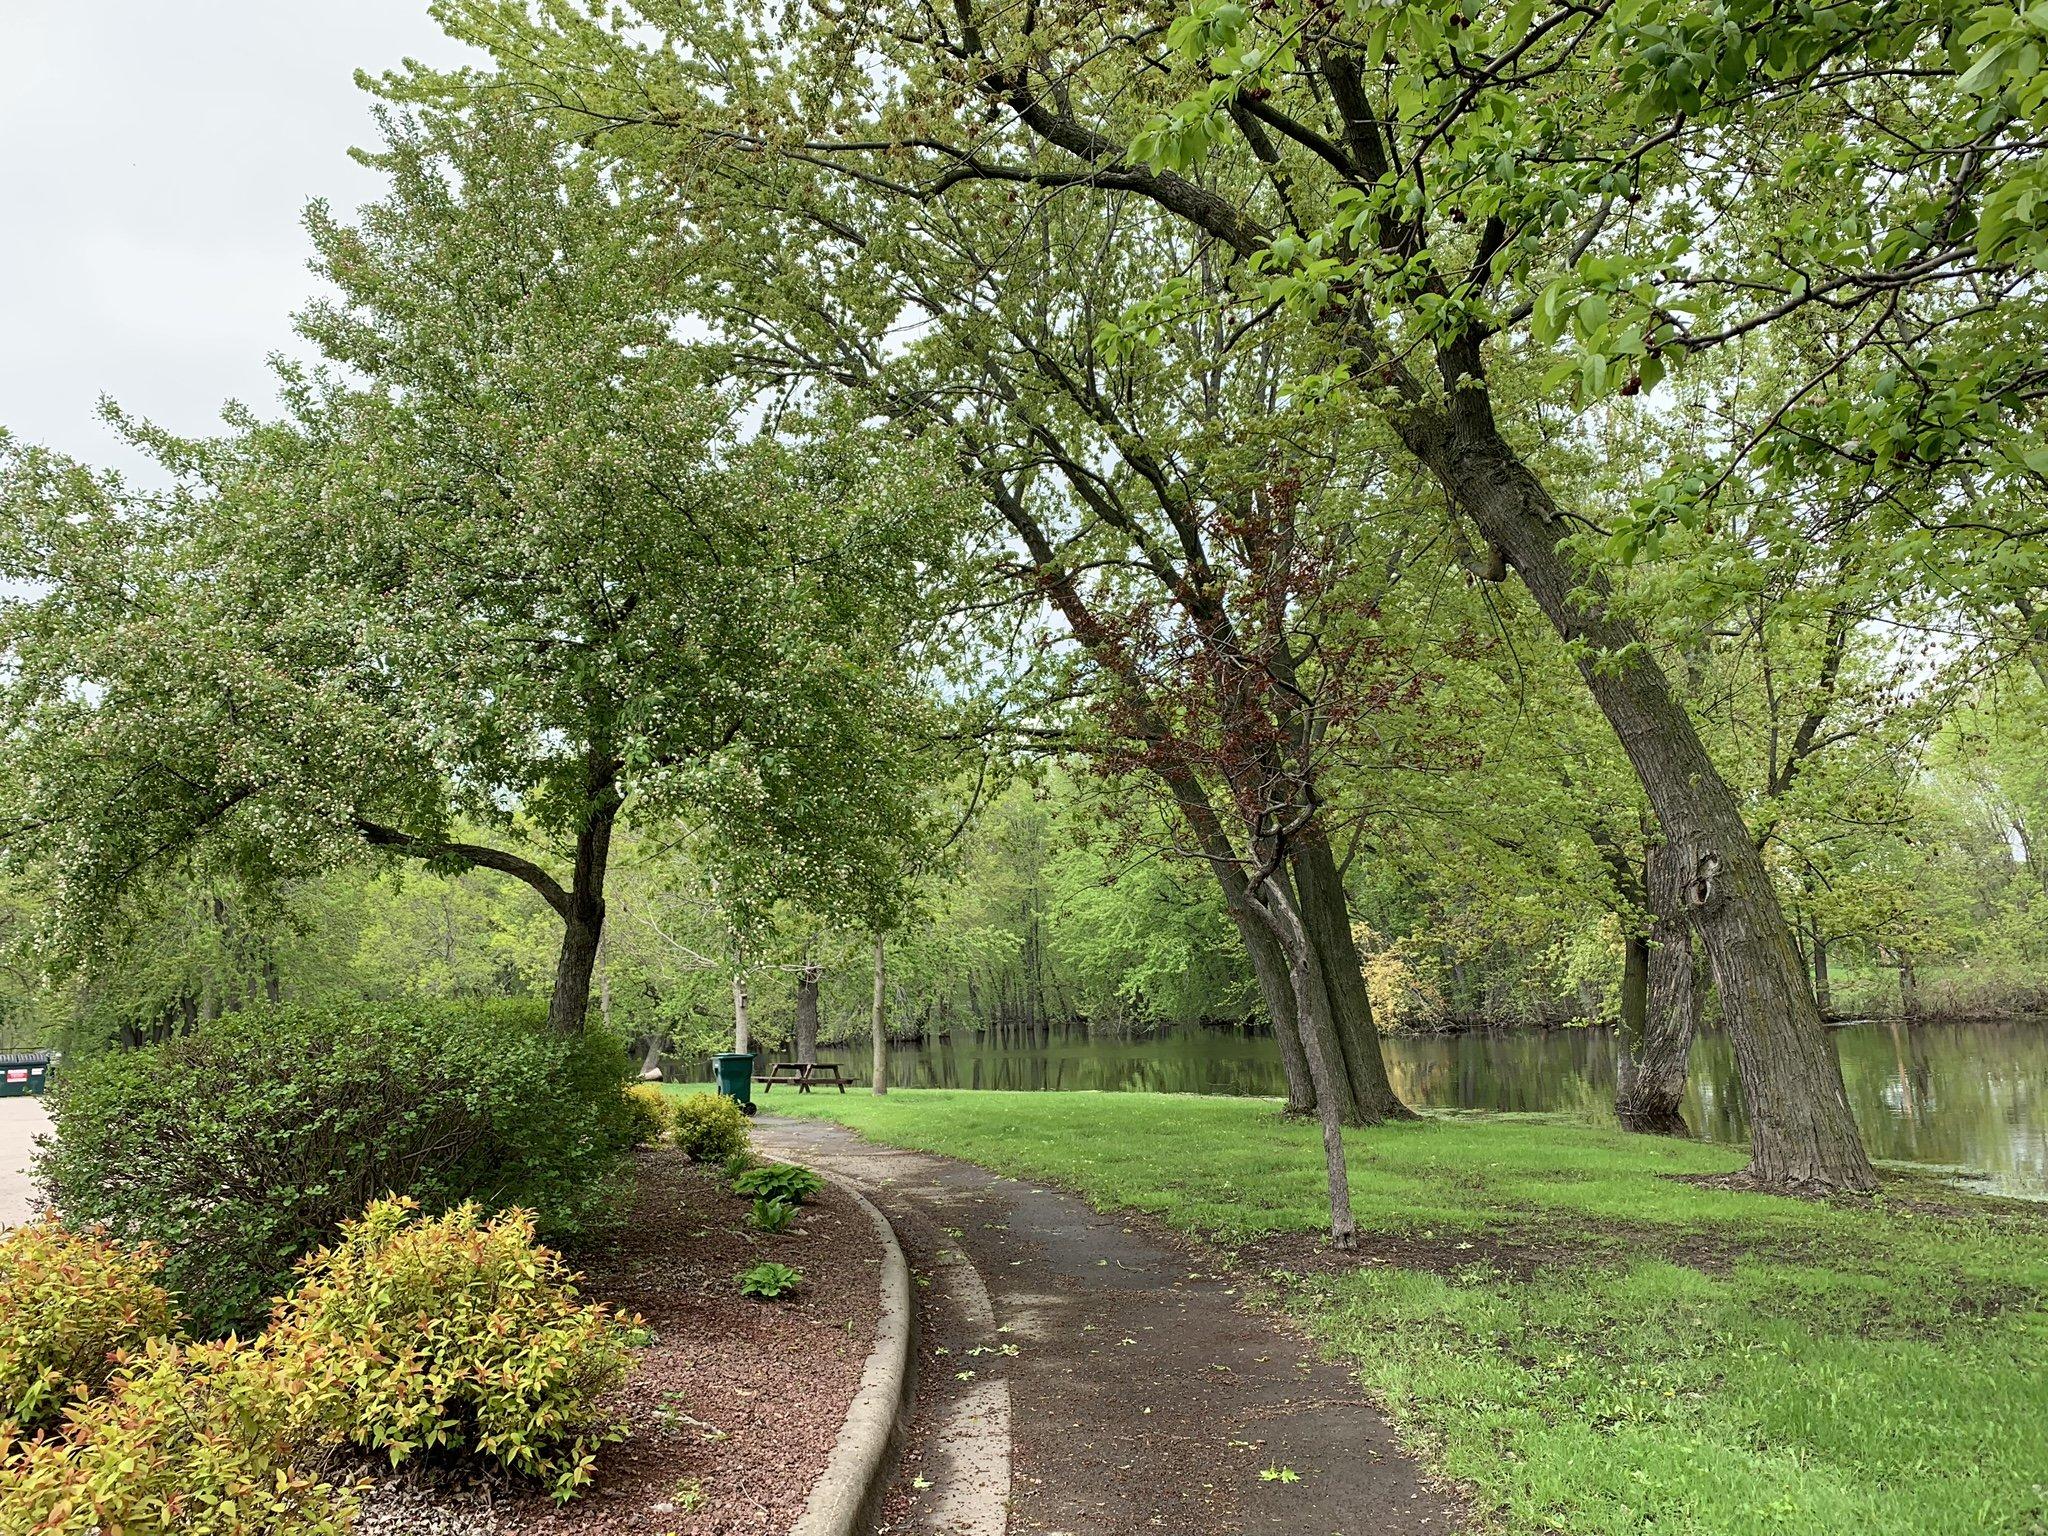 Pfeifer Park